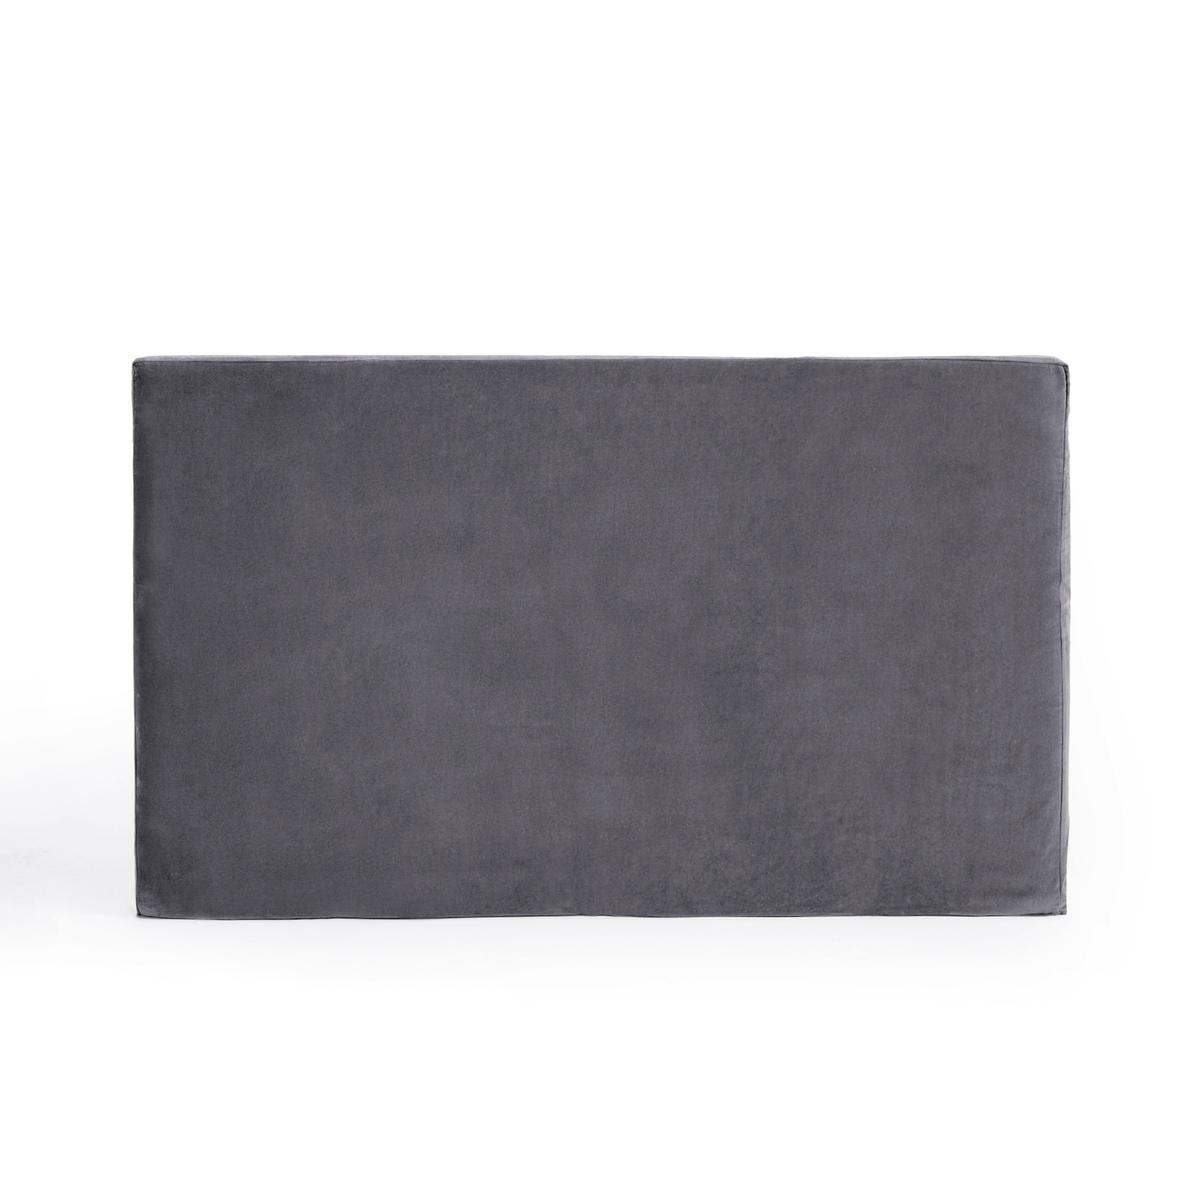 Чехол LaRedoute Для изголовья кровати из велюра Velvet 180 x 85 см серый